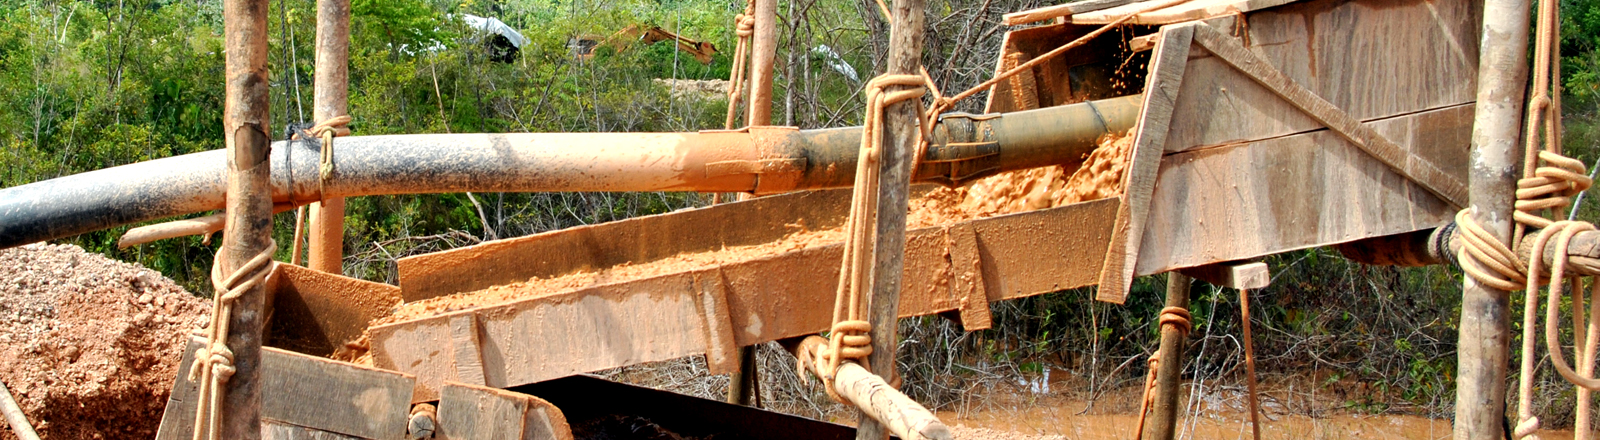 Goldabbau in Suriname: Schlamm, in dem Gold enthalten ist, läuft über Teppiche und Netze, in deren Maschen Quecksilber ist.